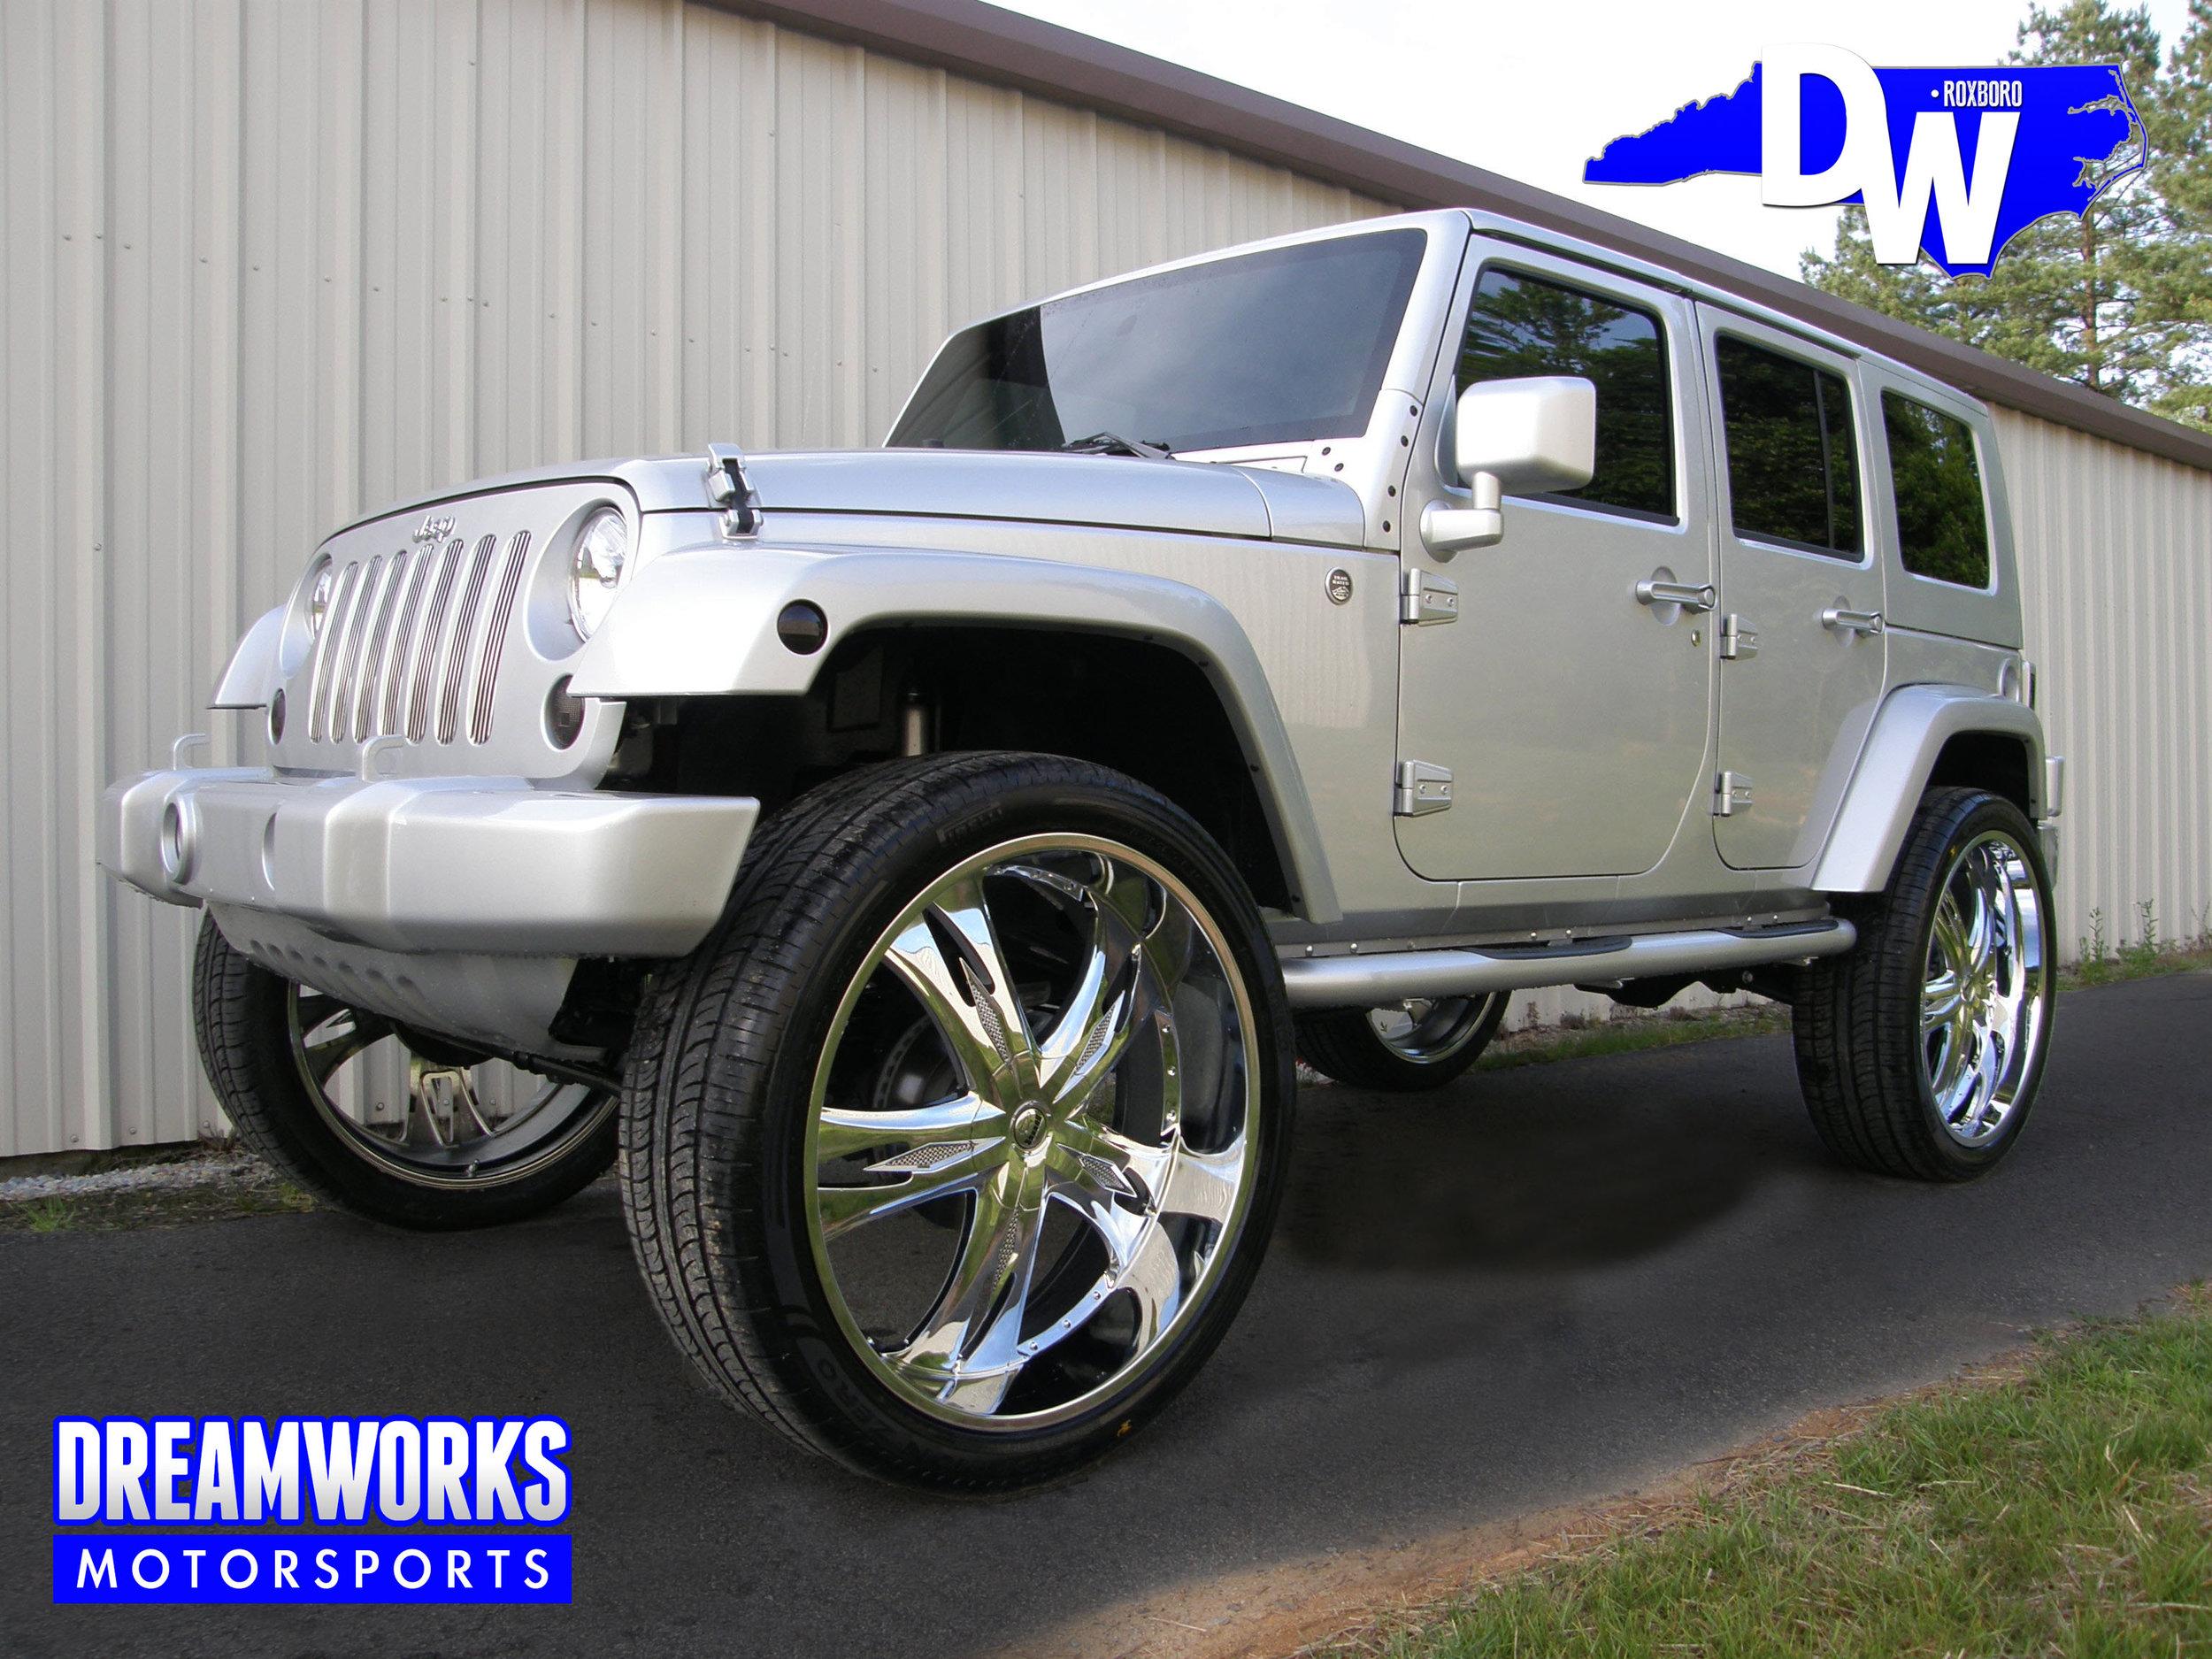 jordan-hill-jeep-by-Dreamworksmotorsports-15.jpg